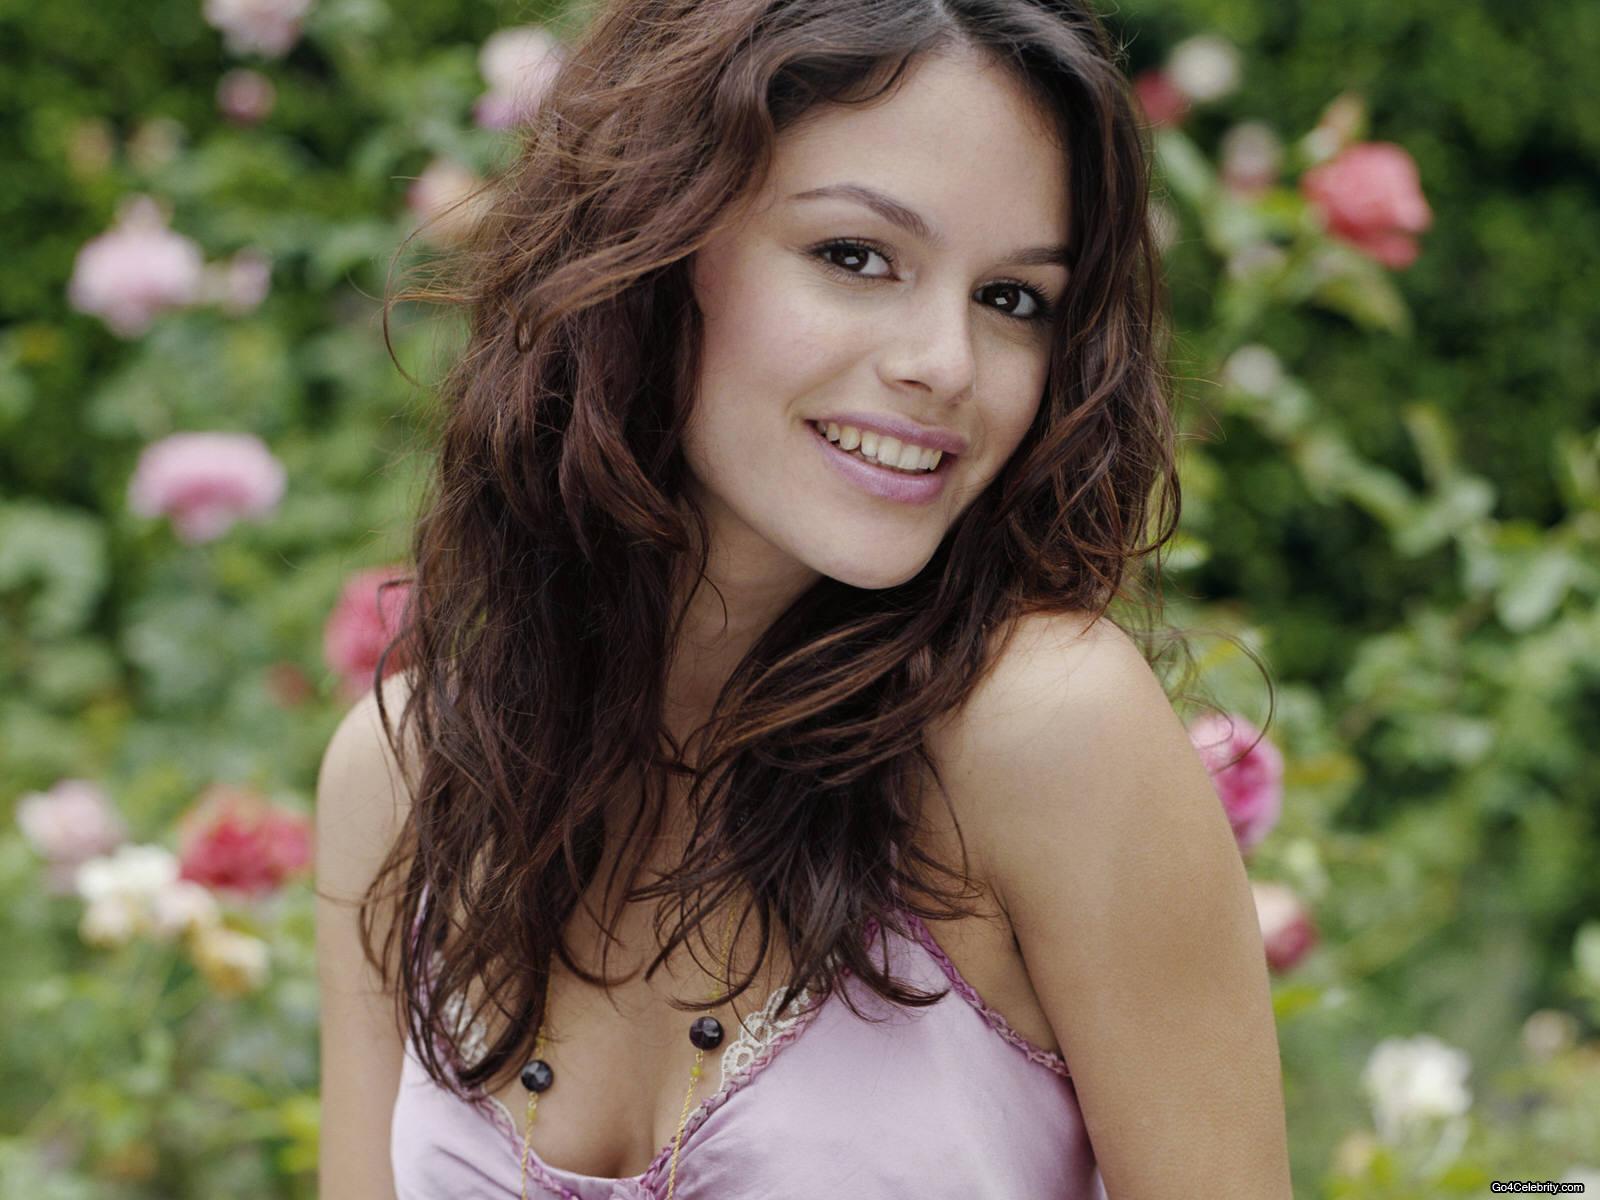 http://3.bp.blogspot.com/_-EN6_RPvgck/TKX-wXIa5yI/AAAAAAAAFvM/CjVU84H0Vbc/s1600/Rachel-Bilson-American-actress-07.jpg